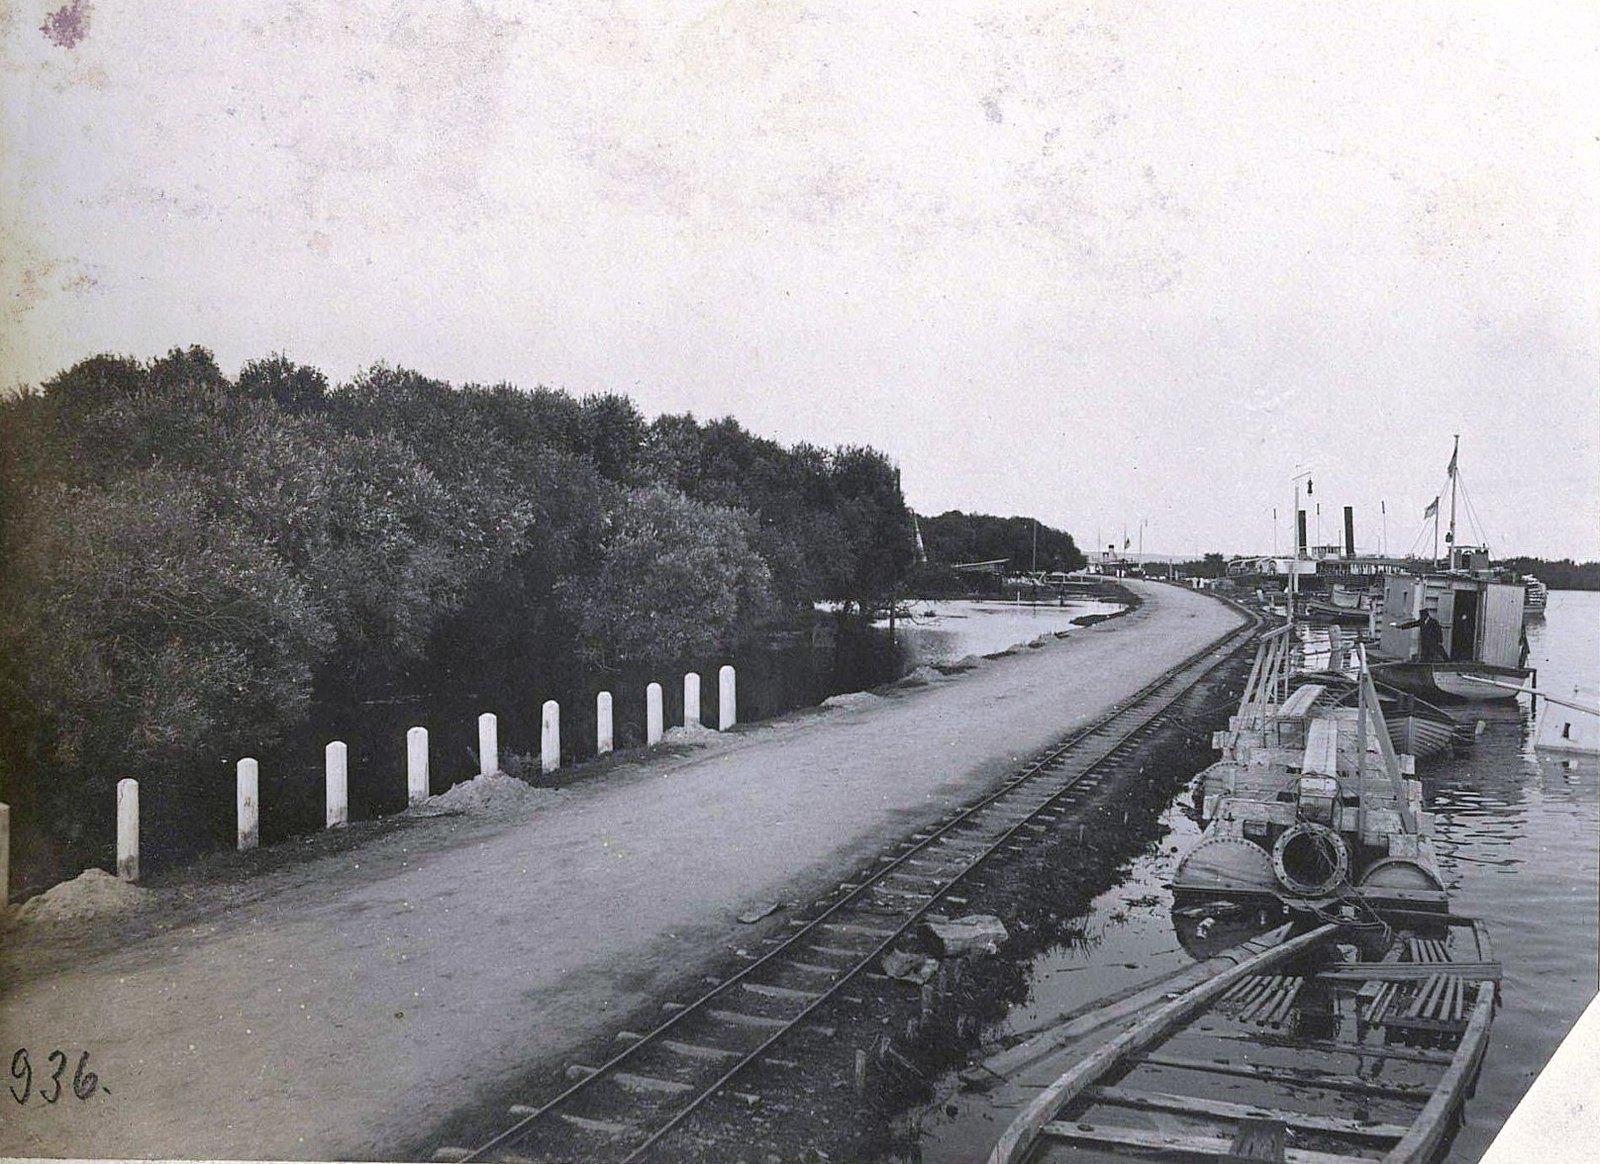 Дорога вдоль реки.